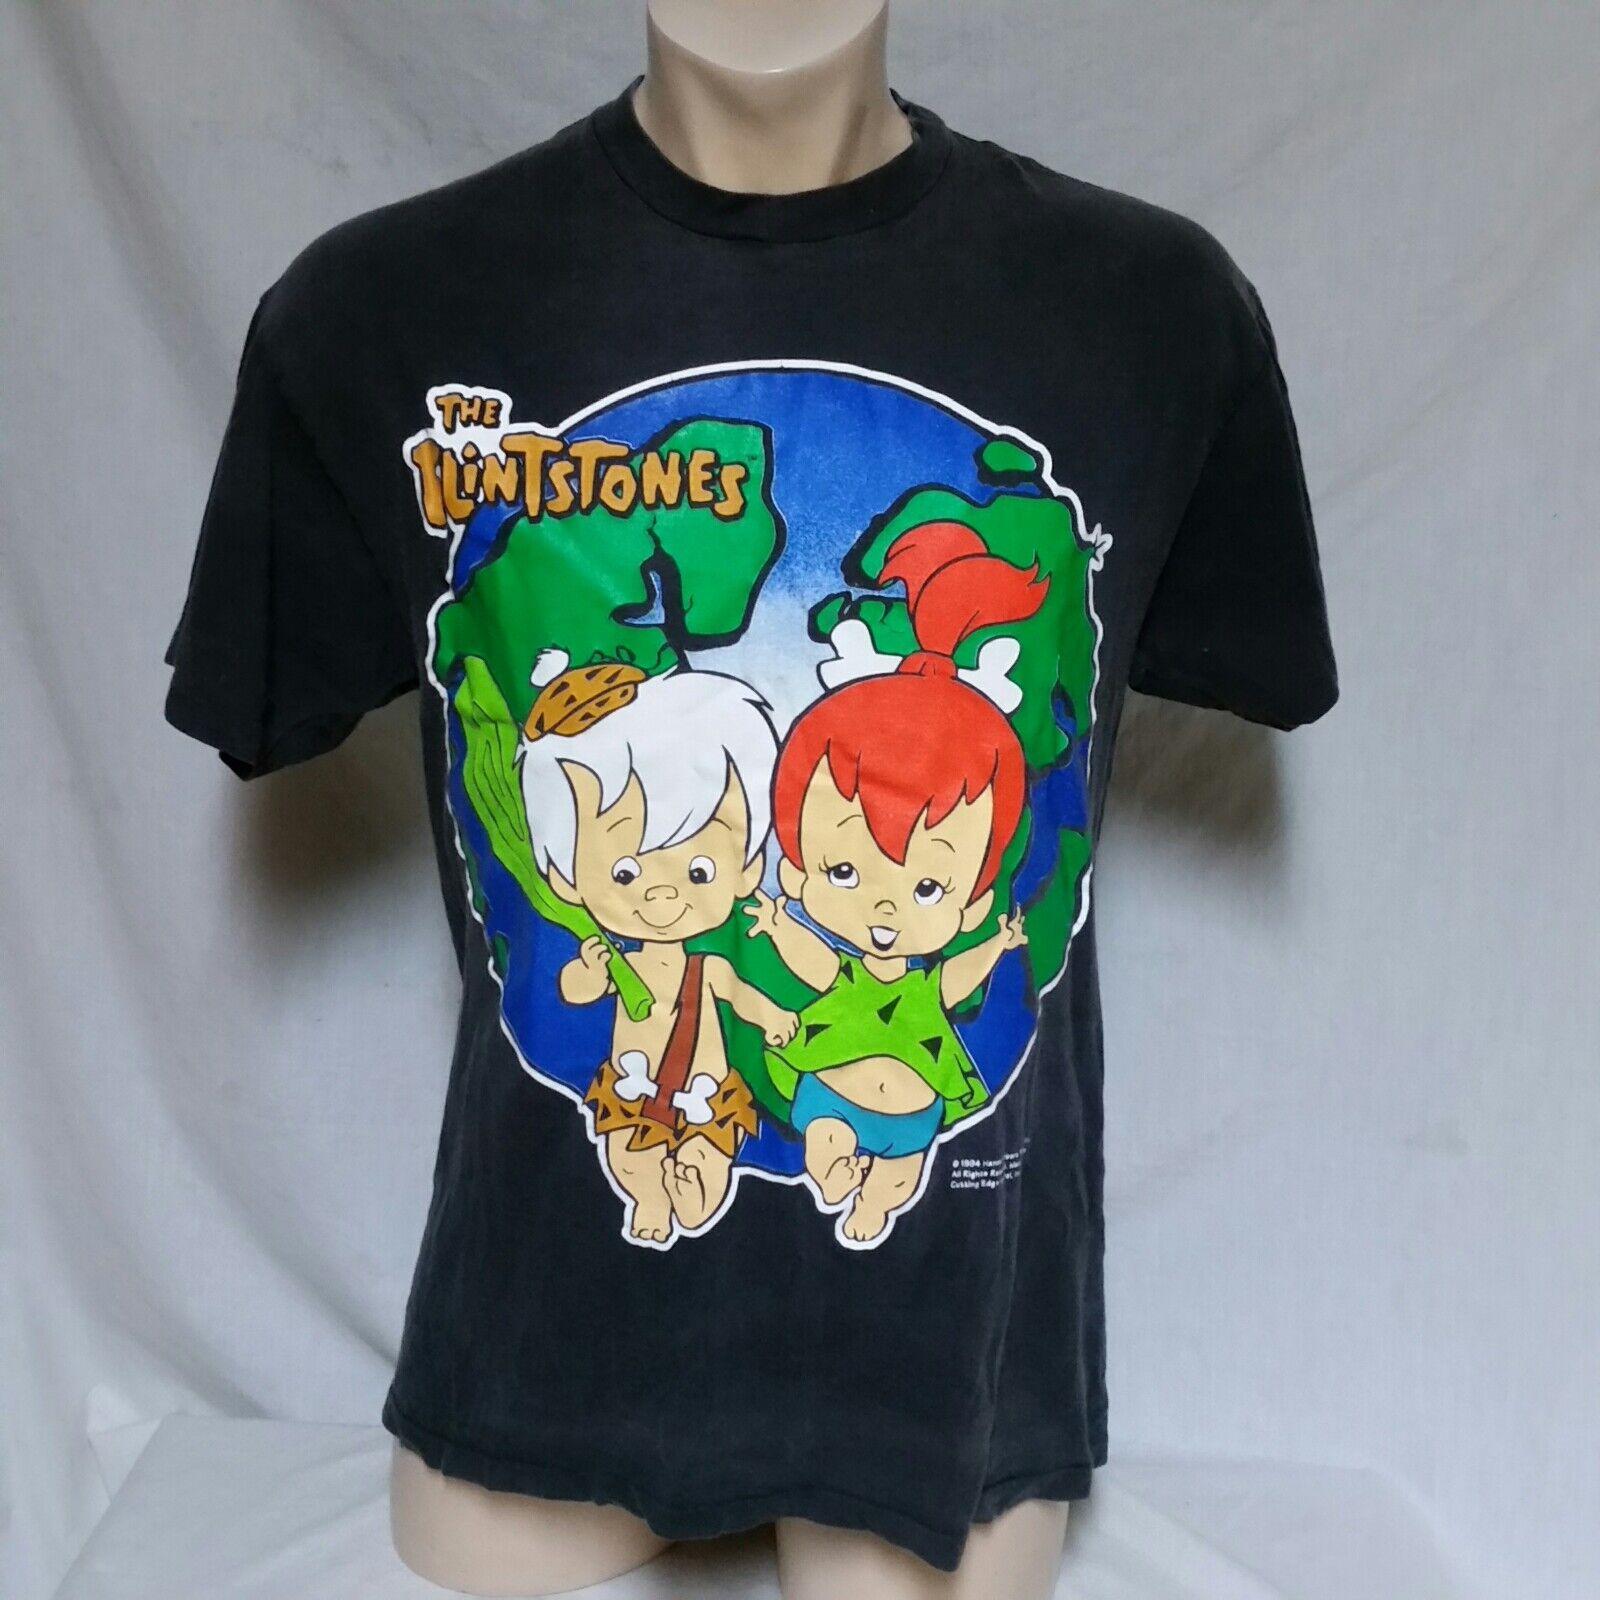 VTG 1994 The Flinstones T Shirt 90s Tee Cartoon Bam Pebbles Bam Bam Cartoon TV Movie Large 8e0063